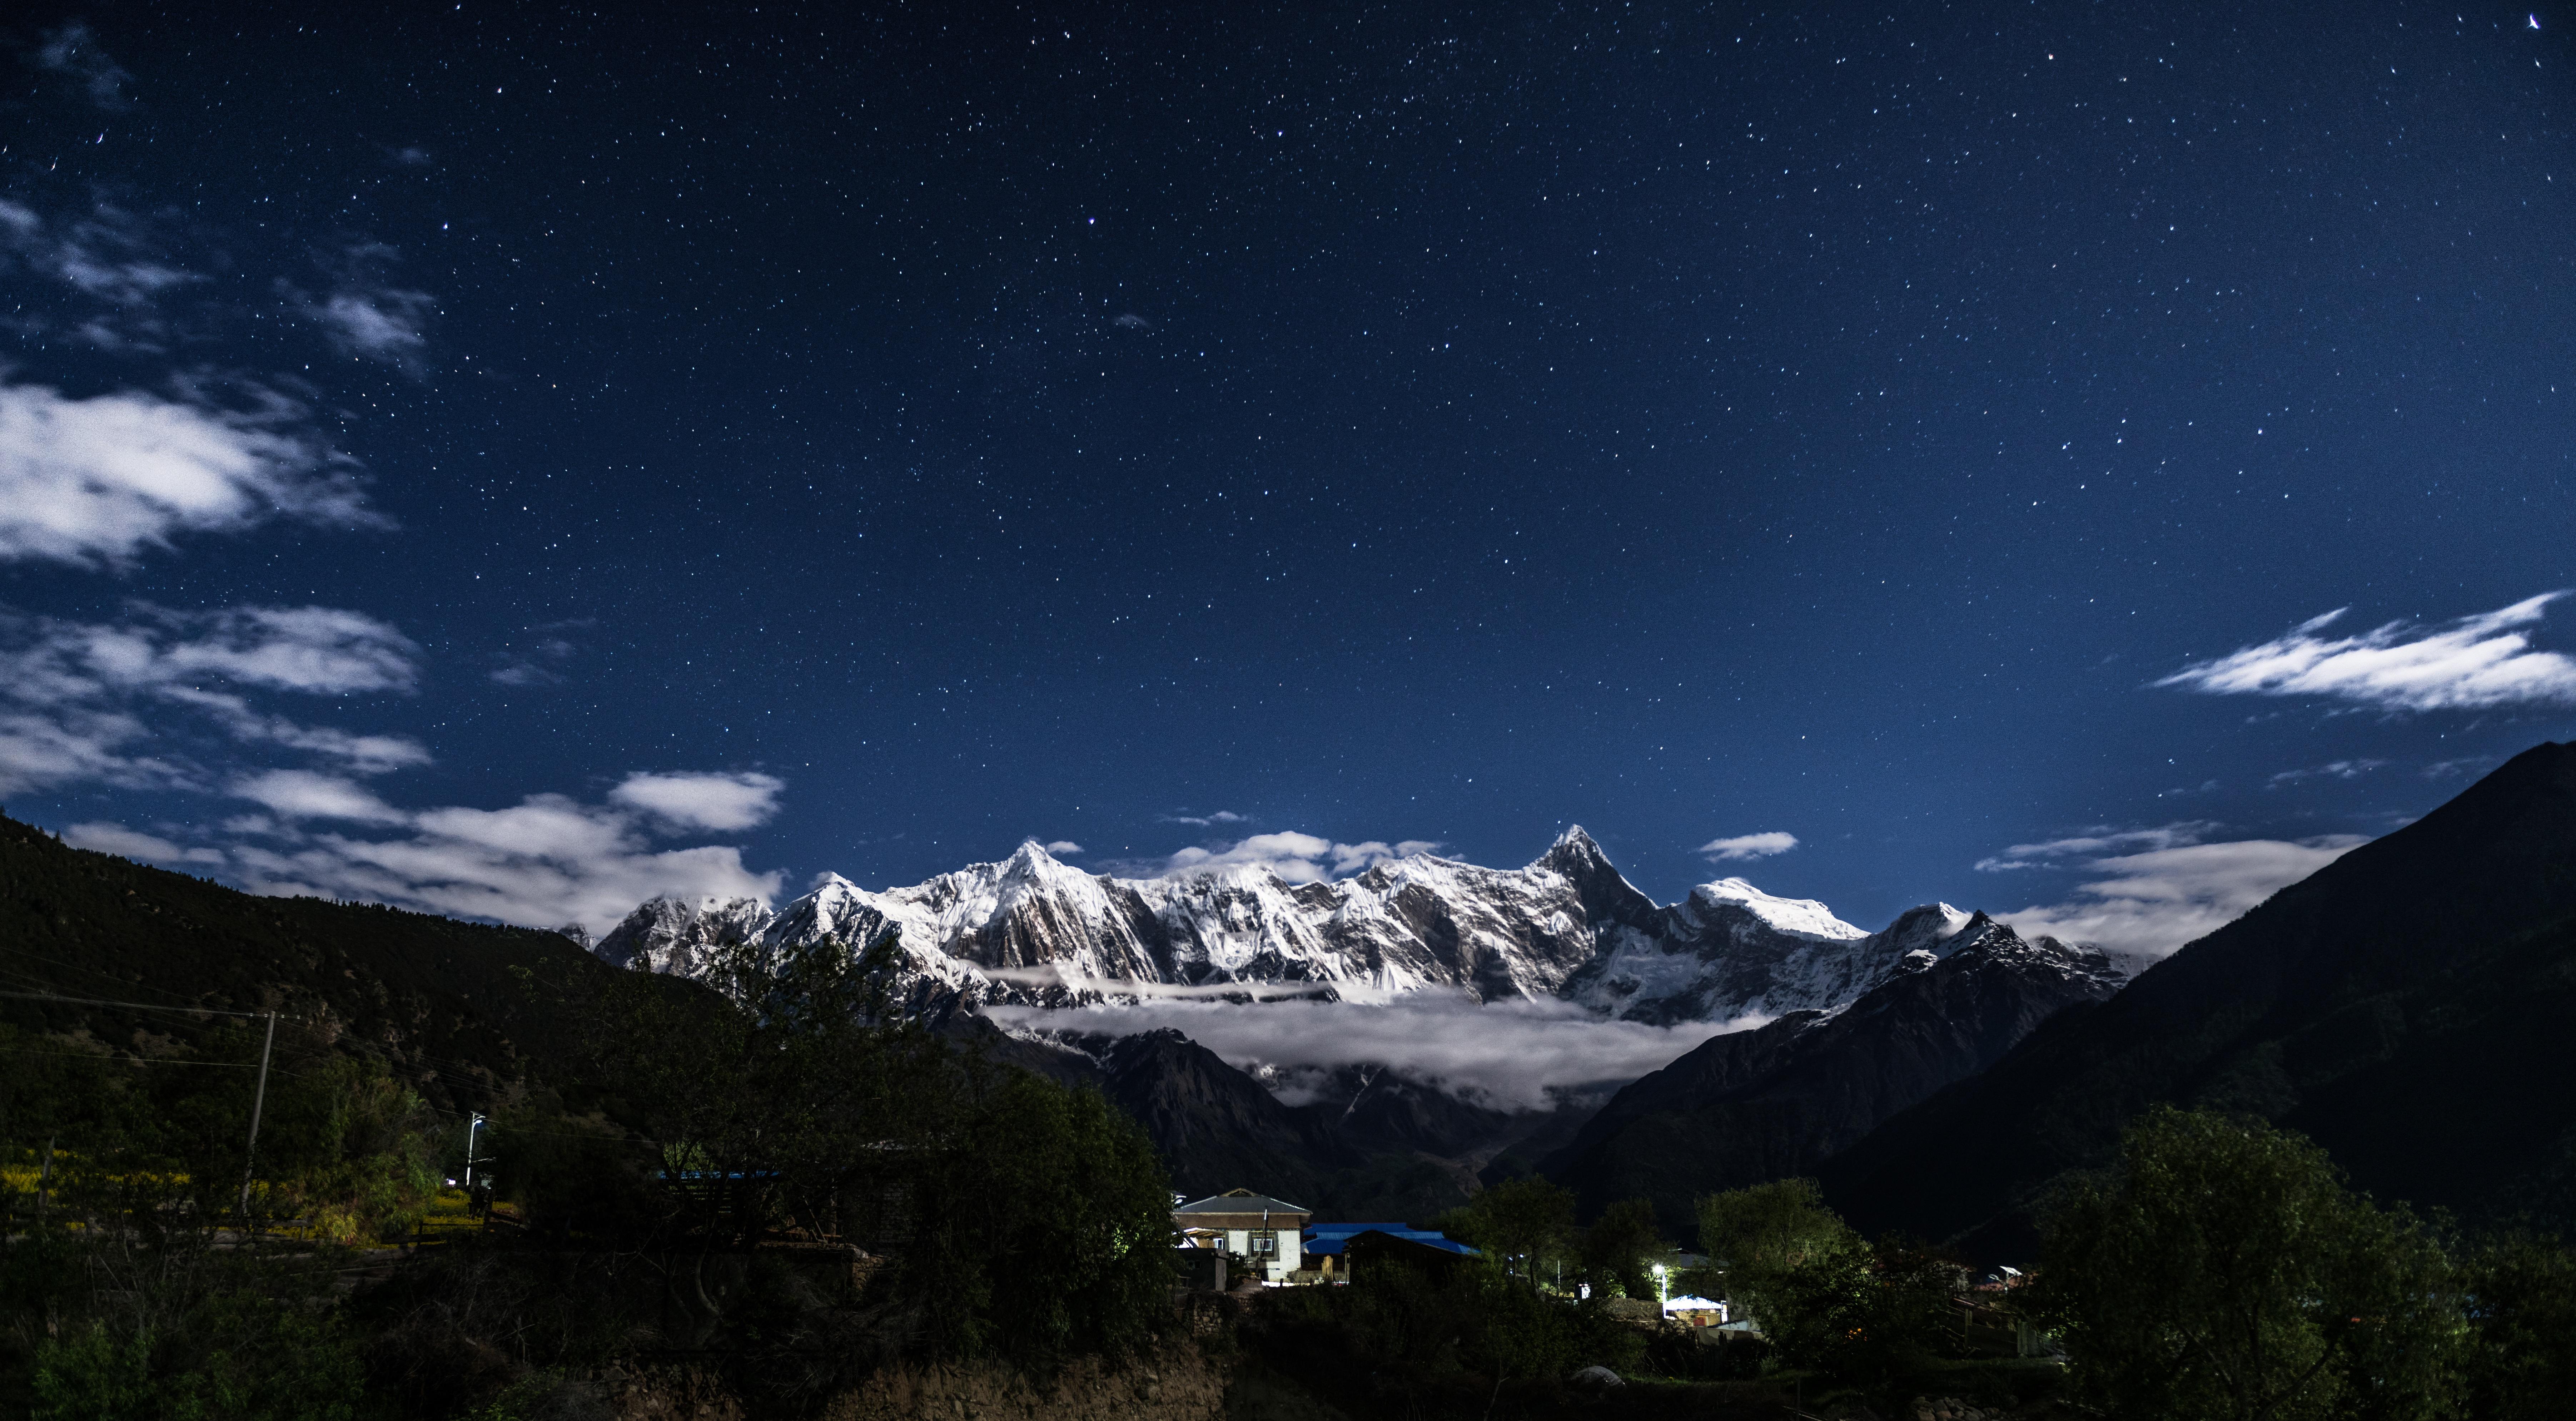 Kostenlose Foto Berg Schnee Winter Himmel Nacht Gebirge